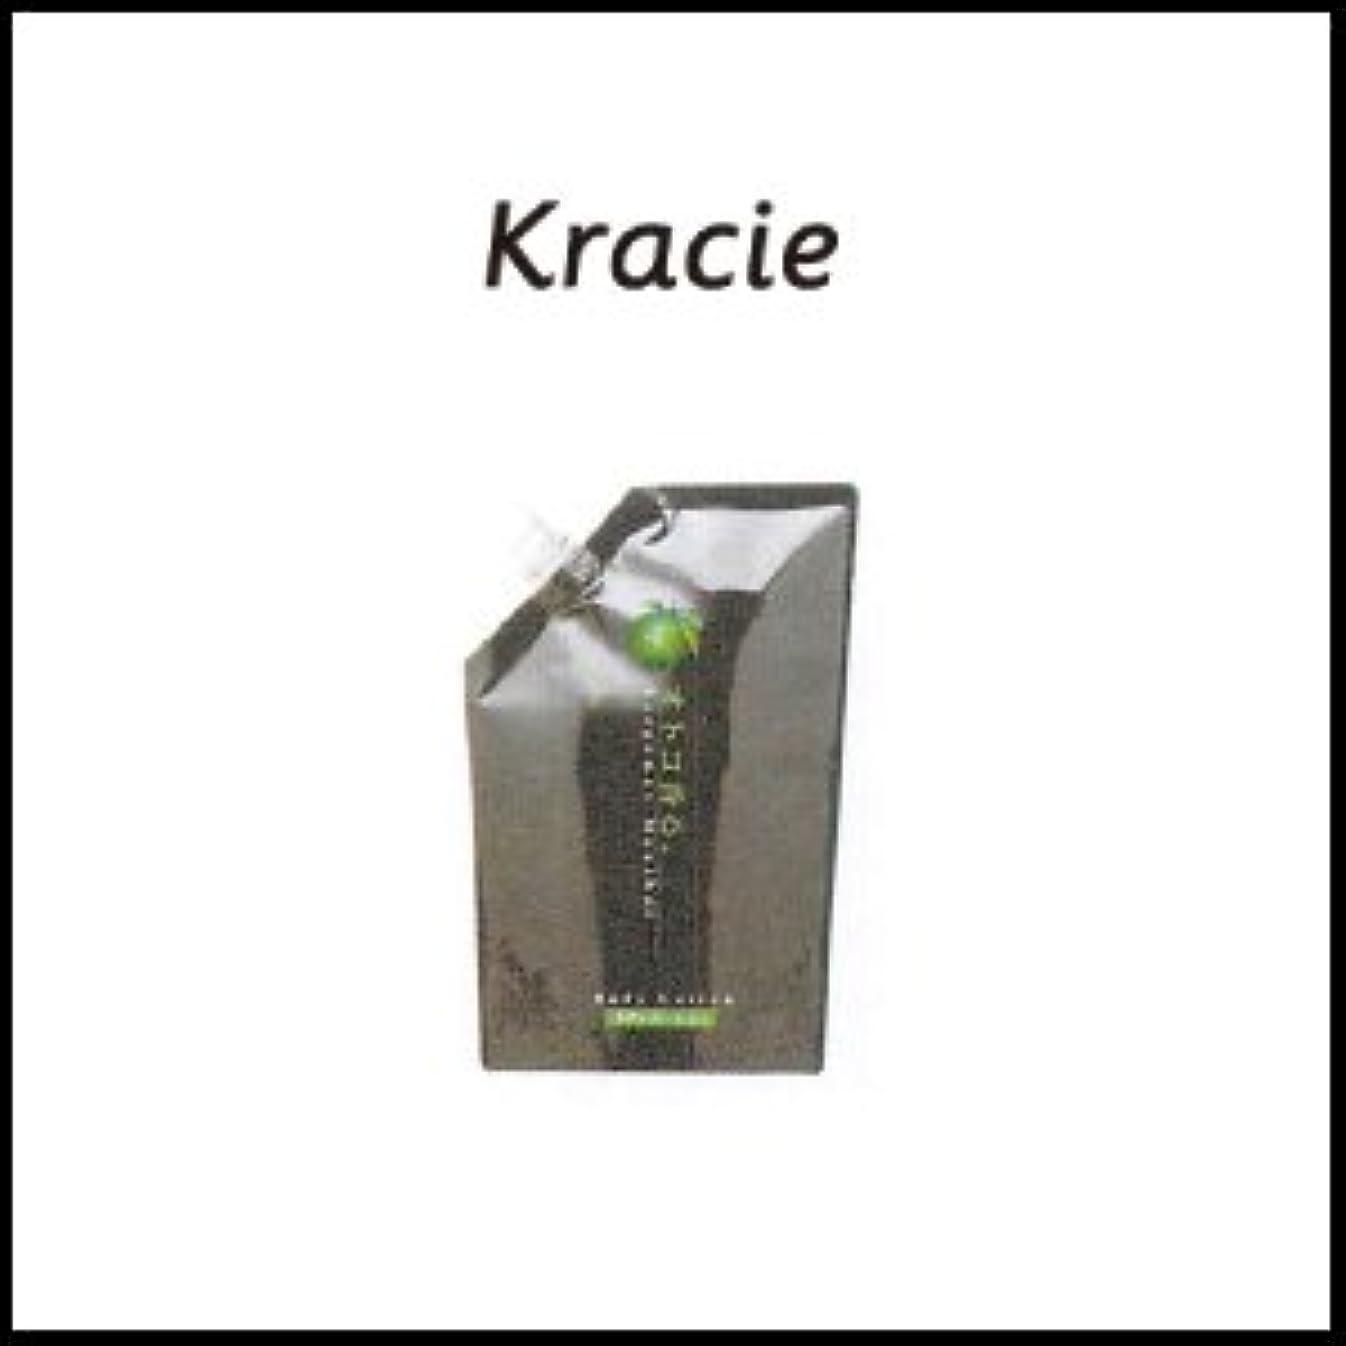 のどなだめる任命【X2個セット】 クラシエ オトコ香る ボディローション(ベルガモット) 500ml 詰替え用(レフィル)